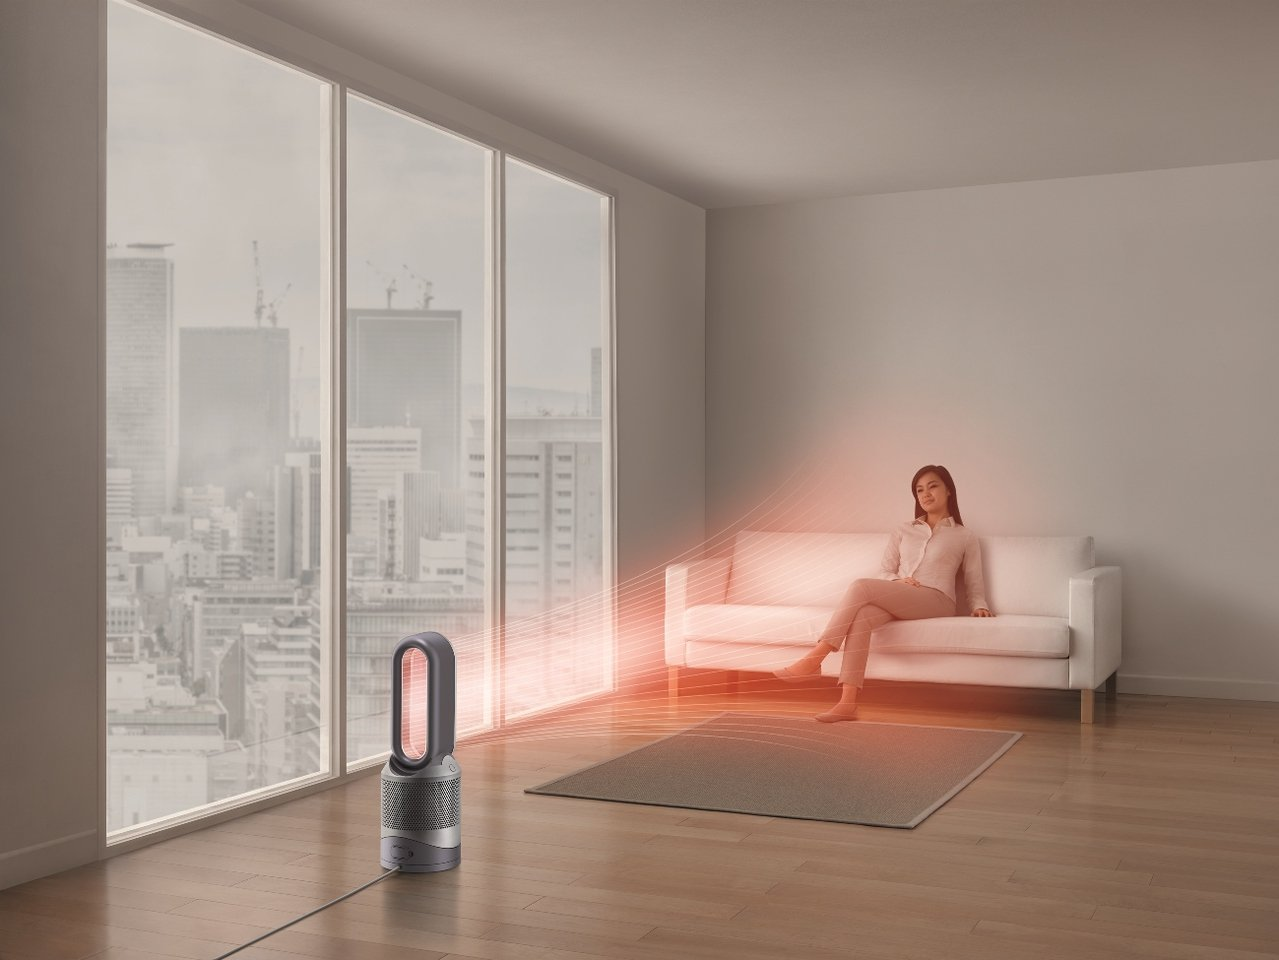 Dyson三合一涼暖空氣清淨機擁有暖風、風扇以及空氣清淨機功能,一年四季都能使用...